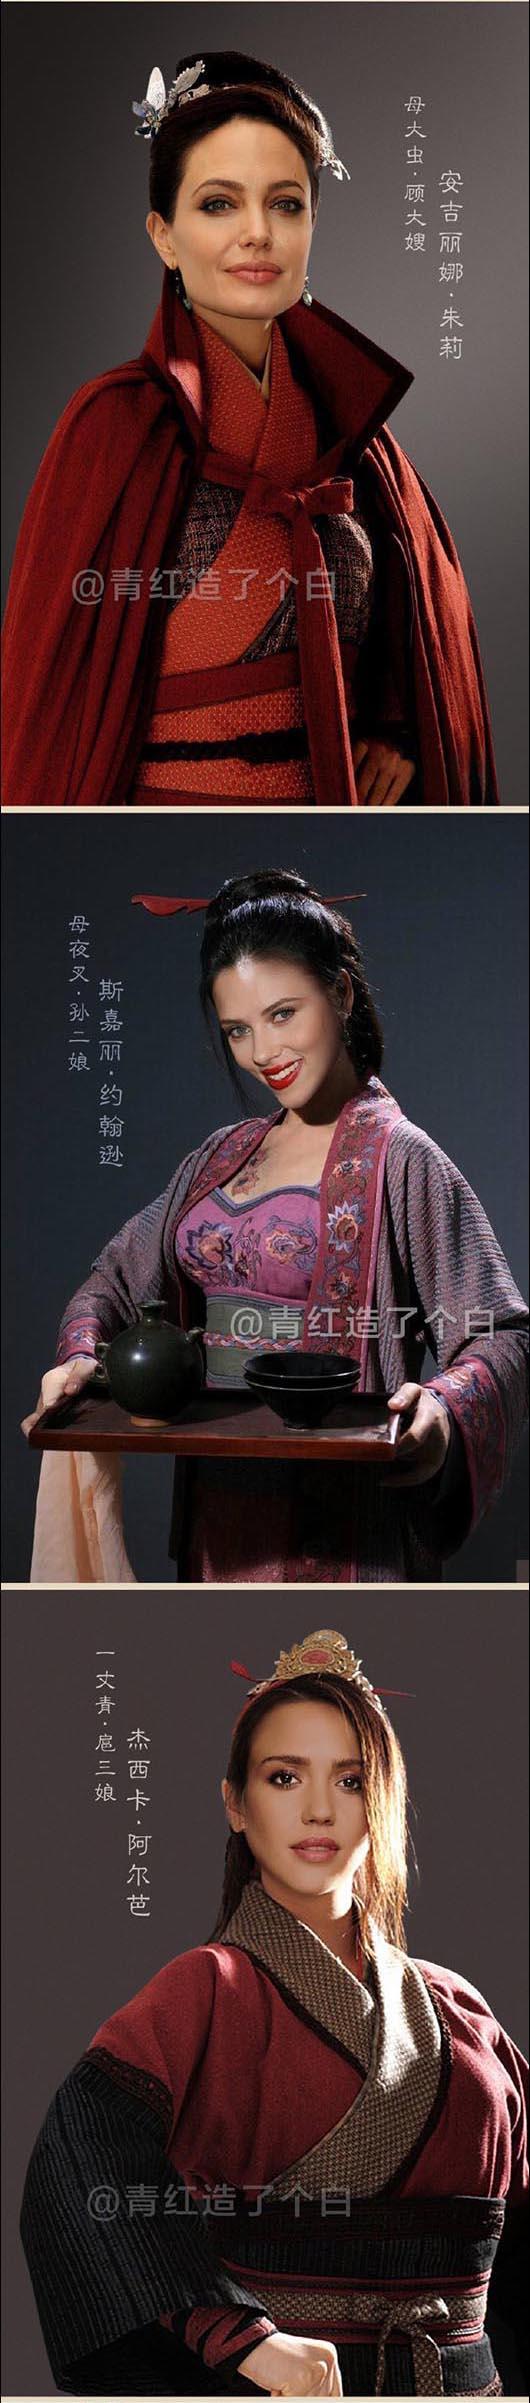 外国人翻拍《水浒传》?你别说光看照片还真的惟妙惟肖,好莱坞豪华阵容